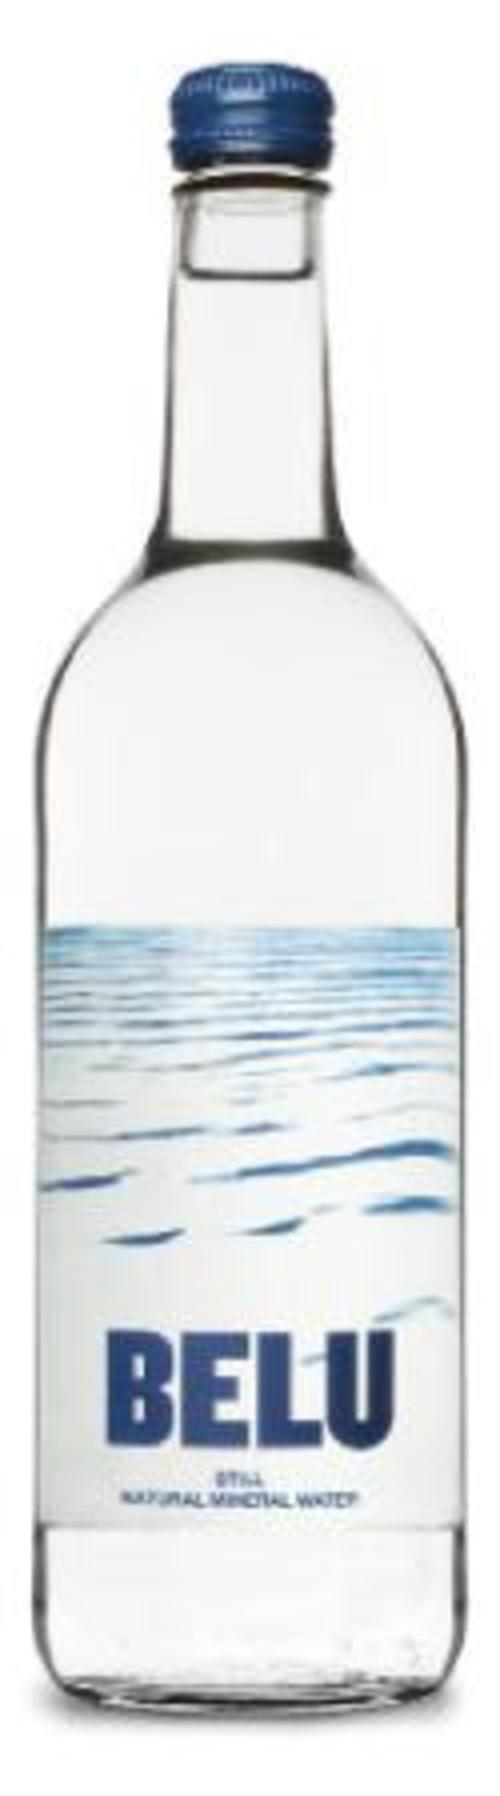 Belu 33cl still water clear glass bottle - pack 24